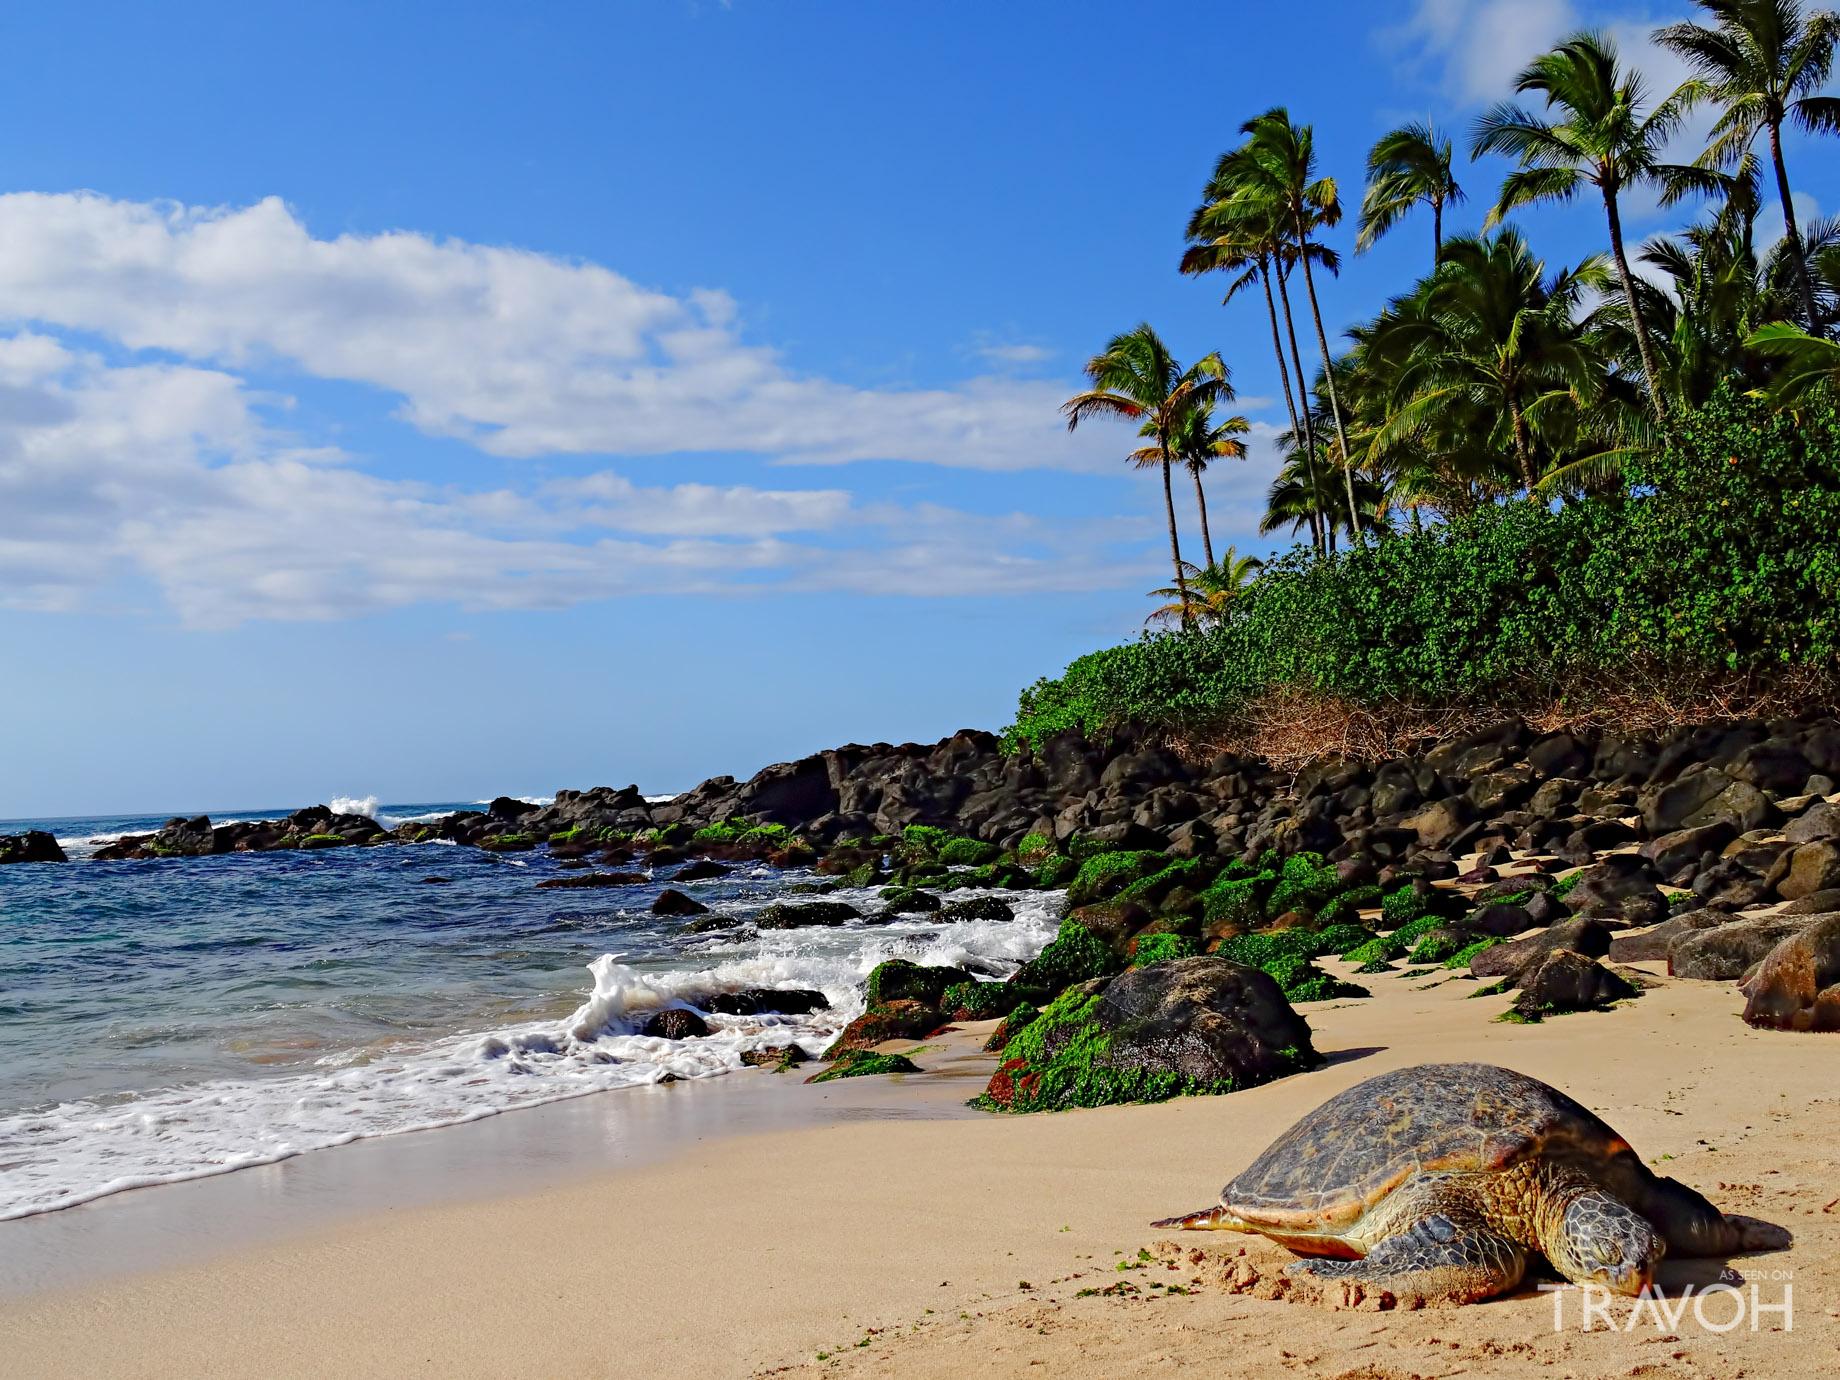 Laniakea (Turtle) Beach - Oahu, Hawaii